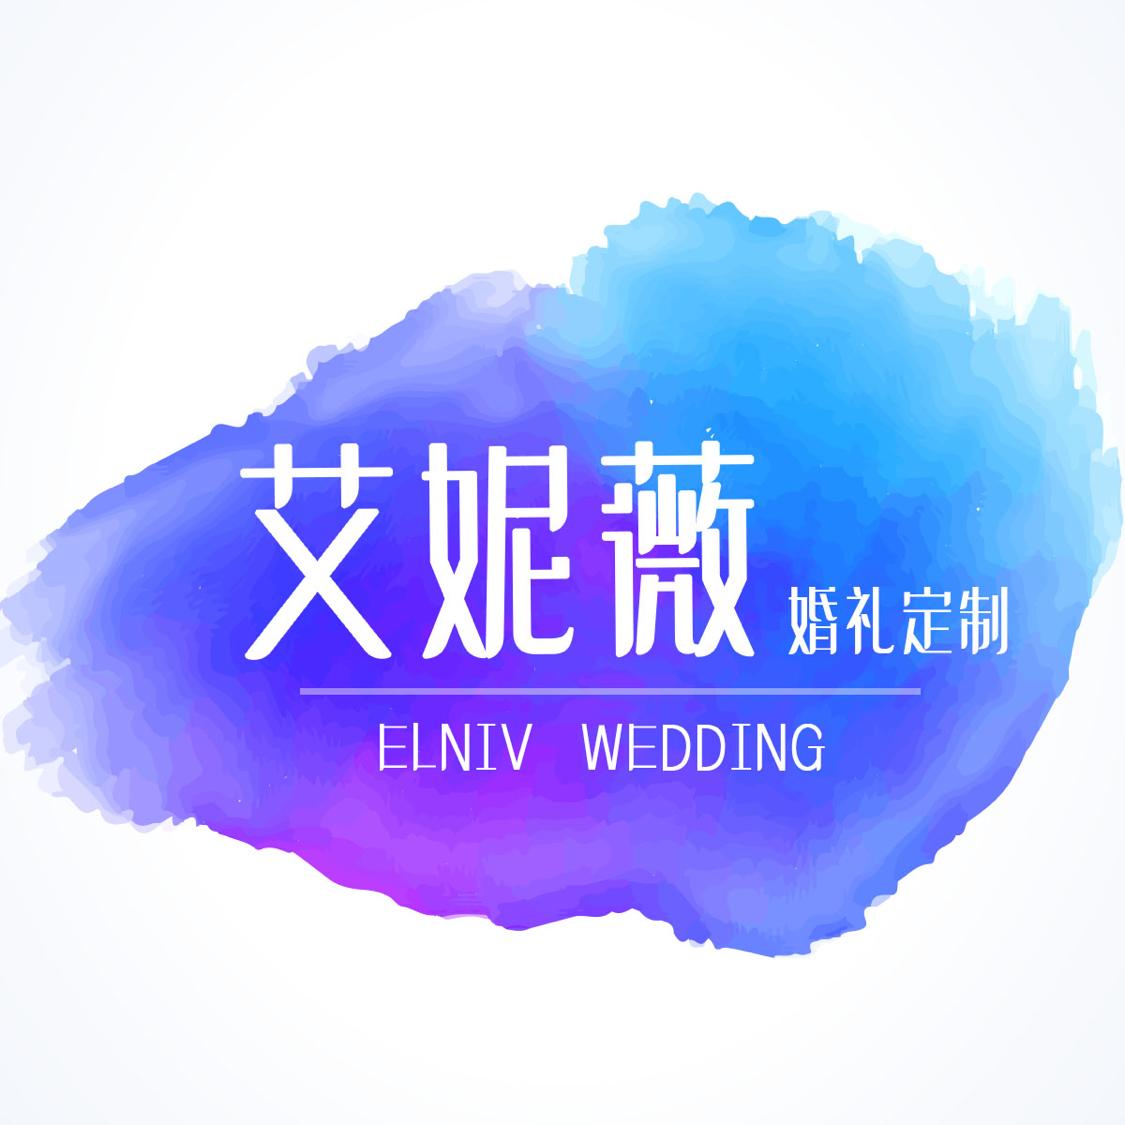 艾妮薇婚礼设计